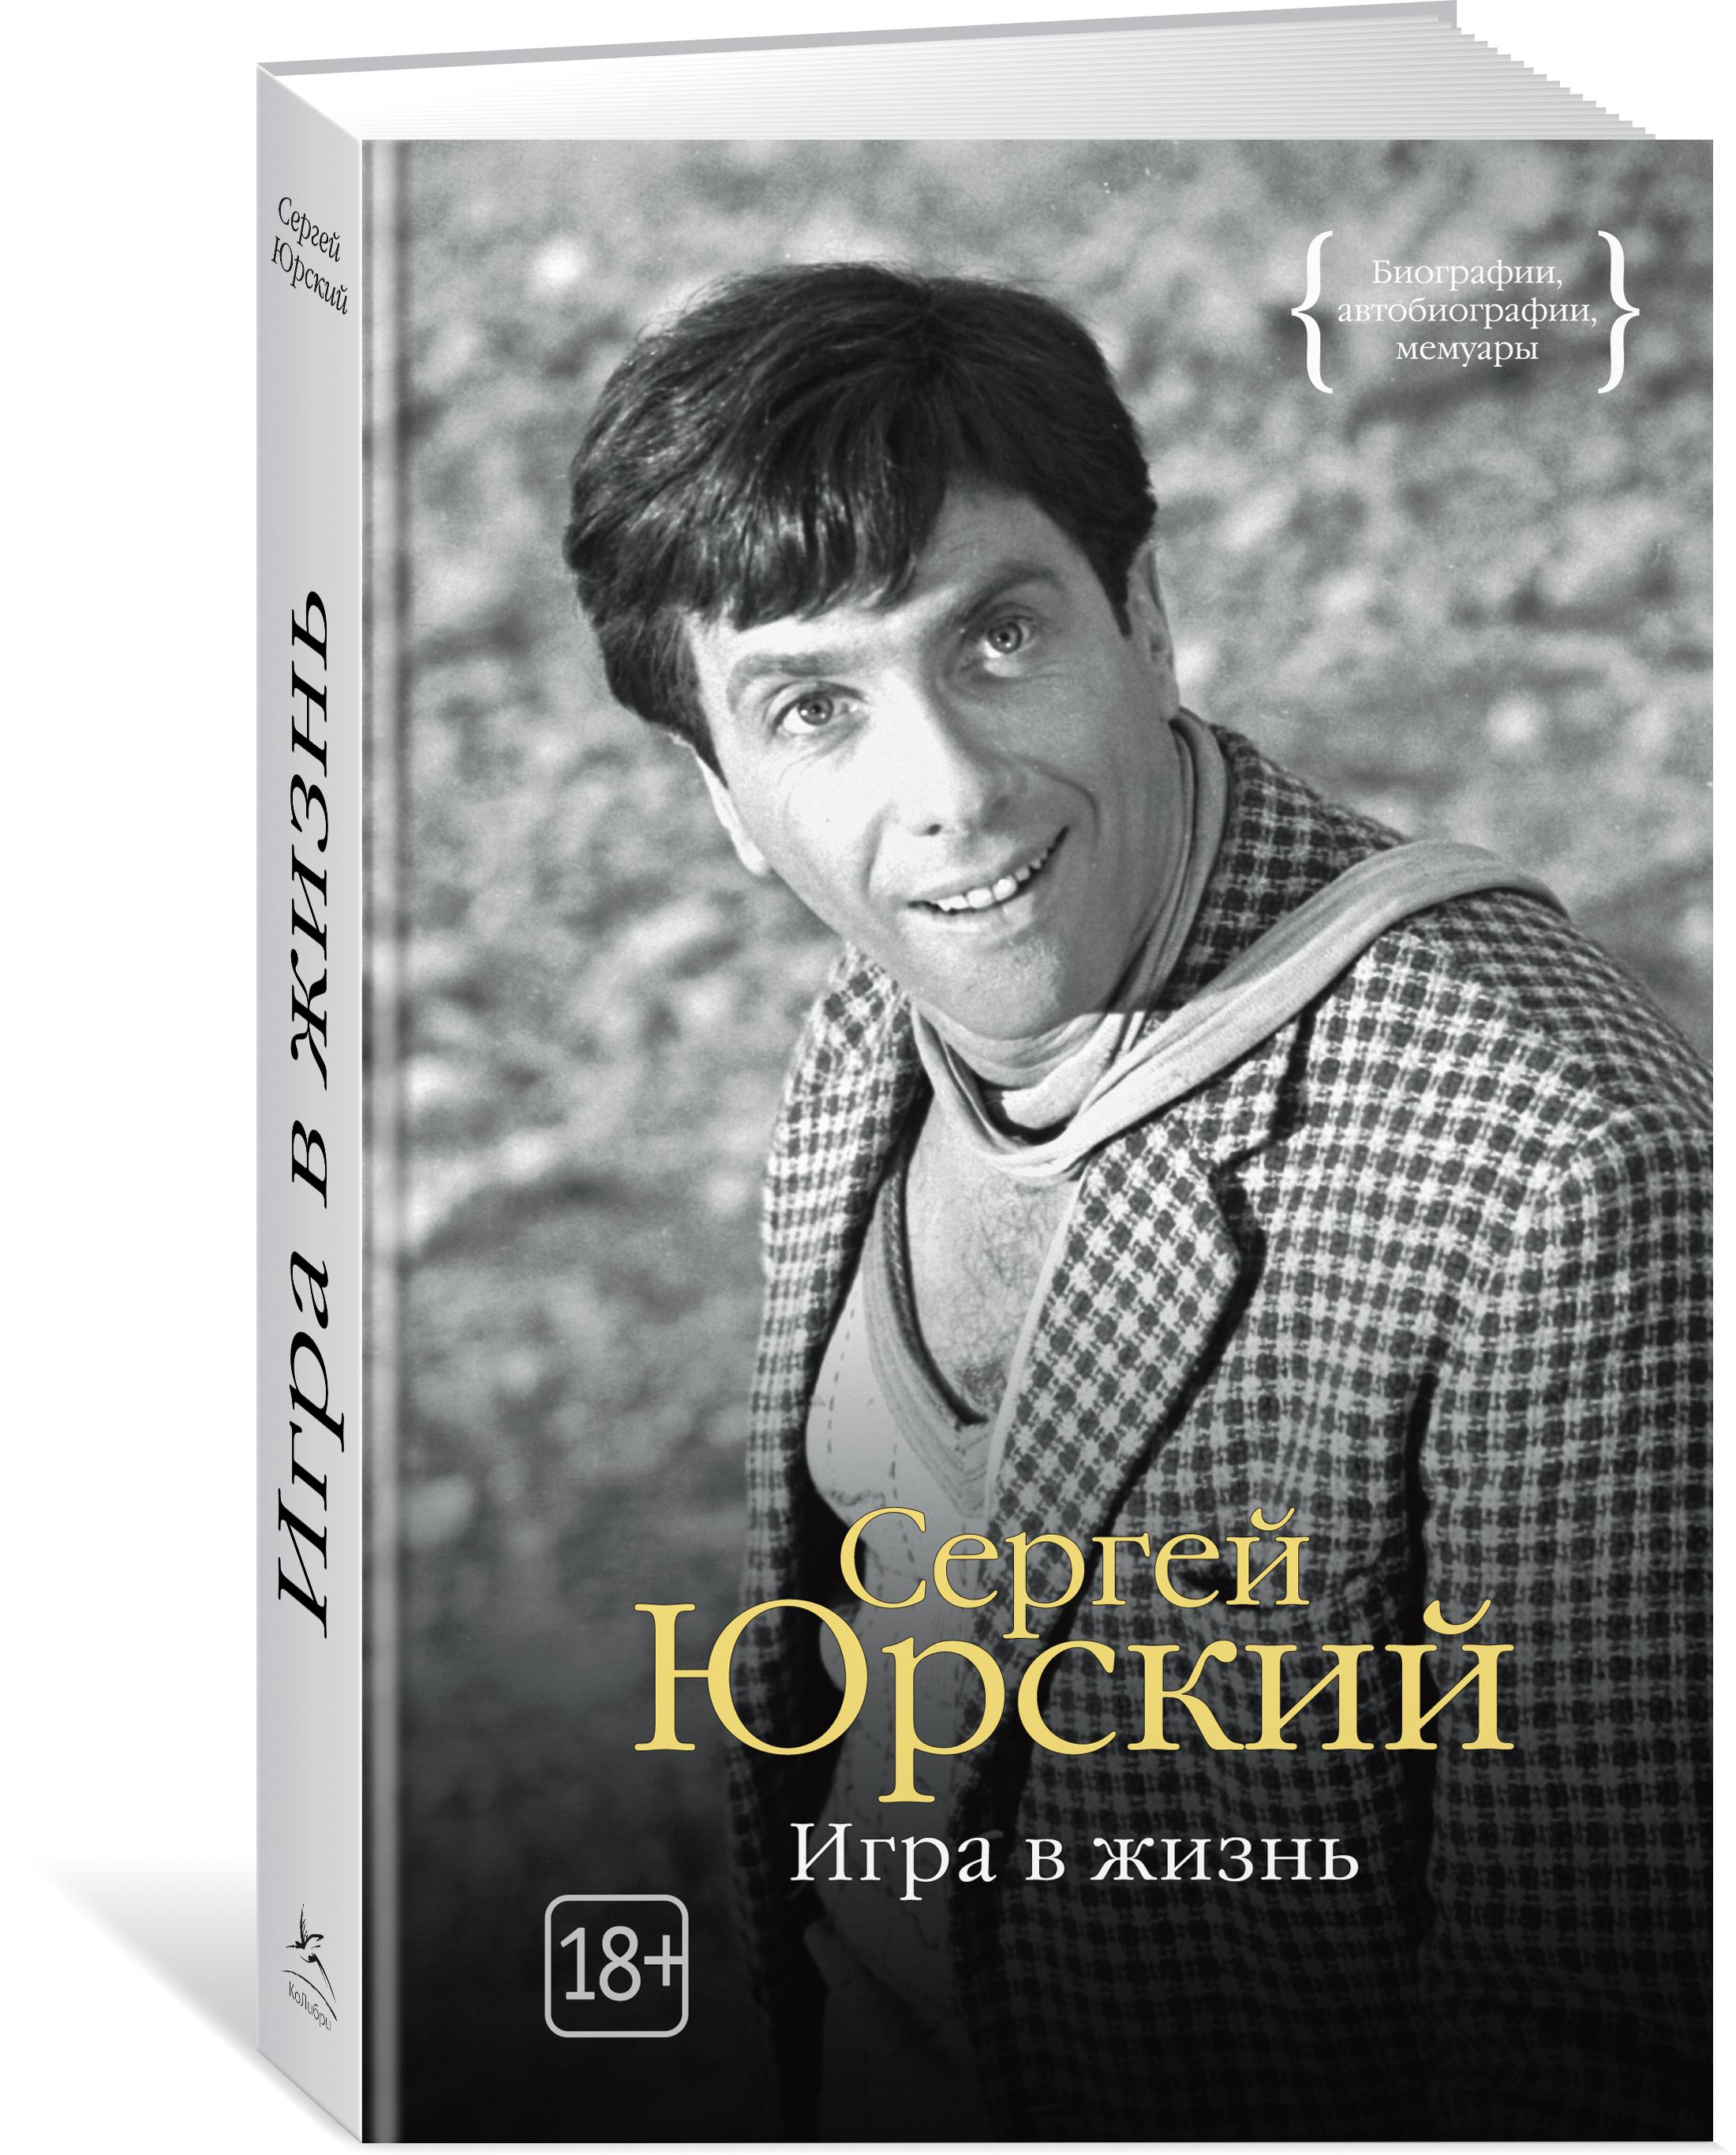 Игра в жизнь, Сергей Юрский